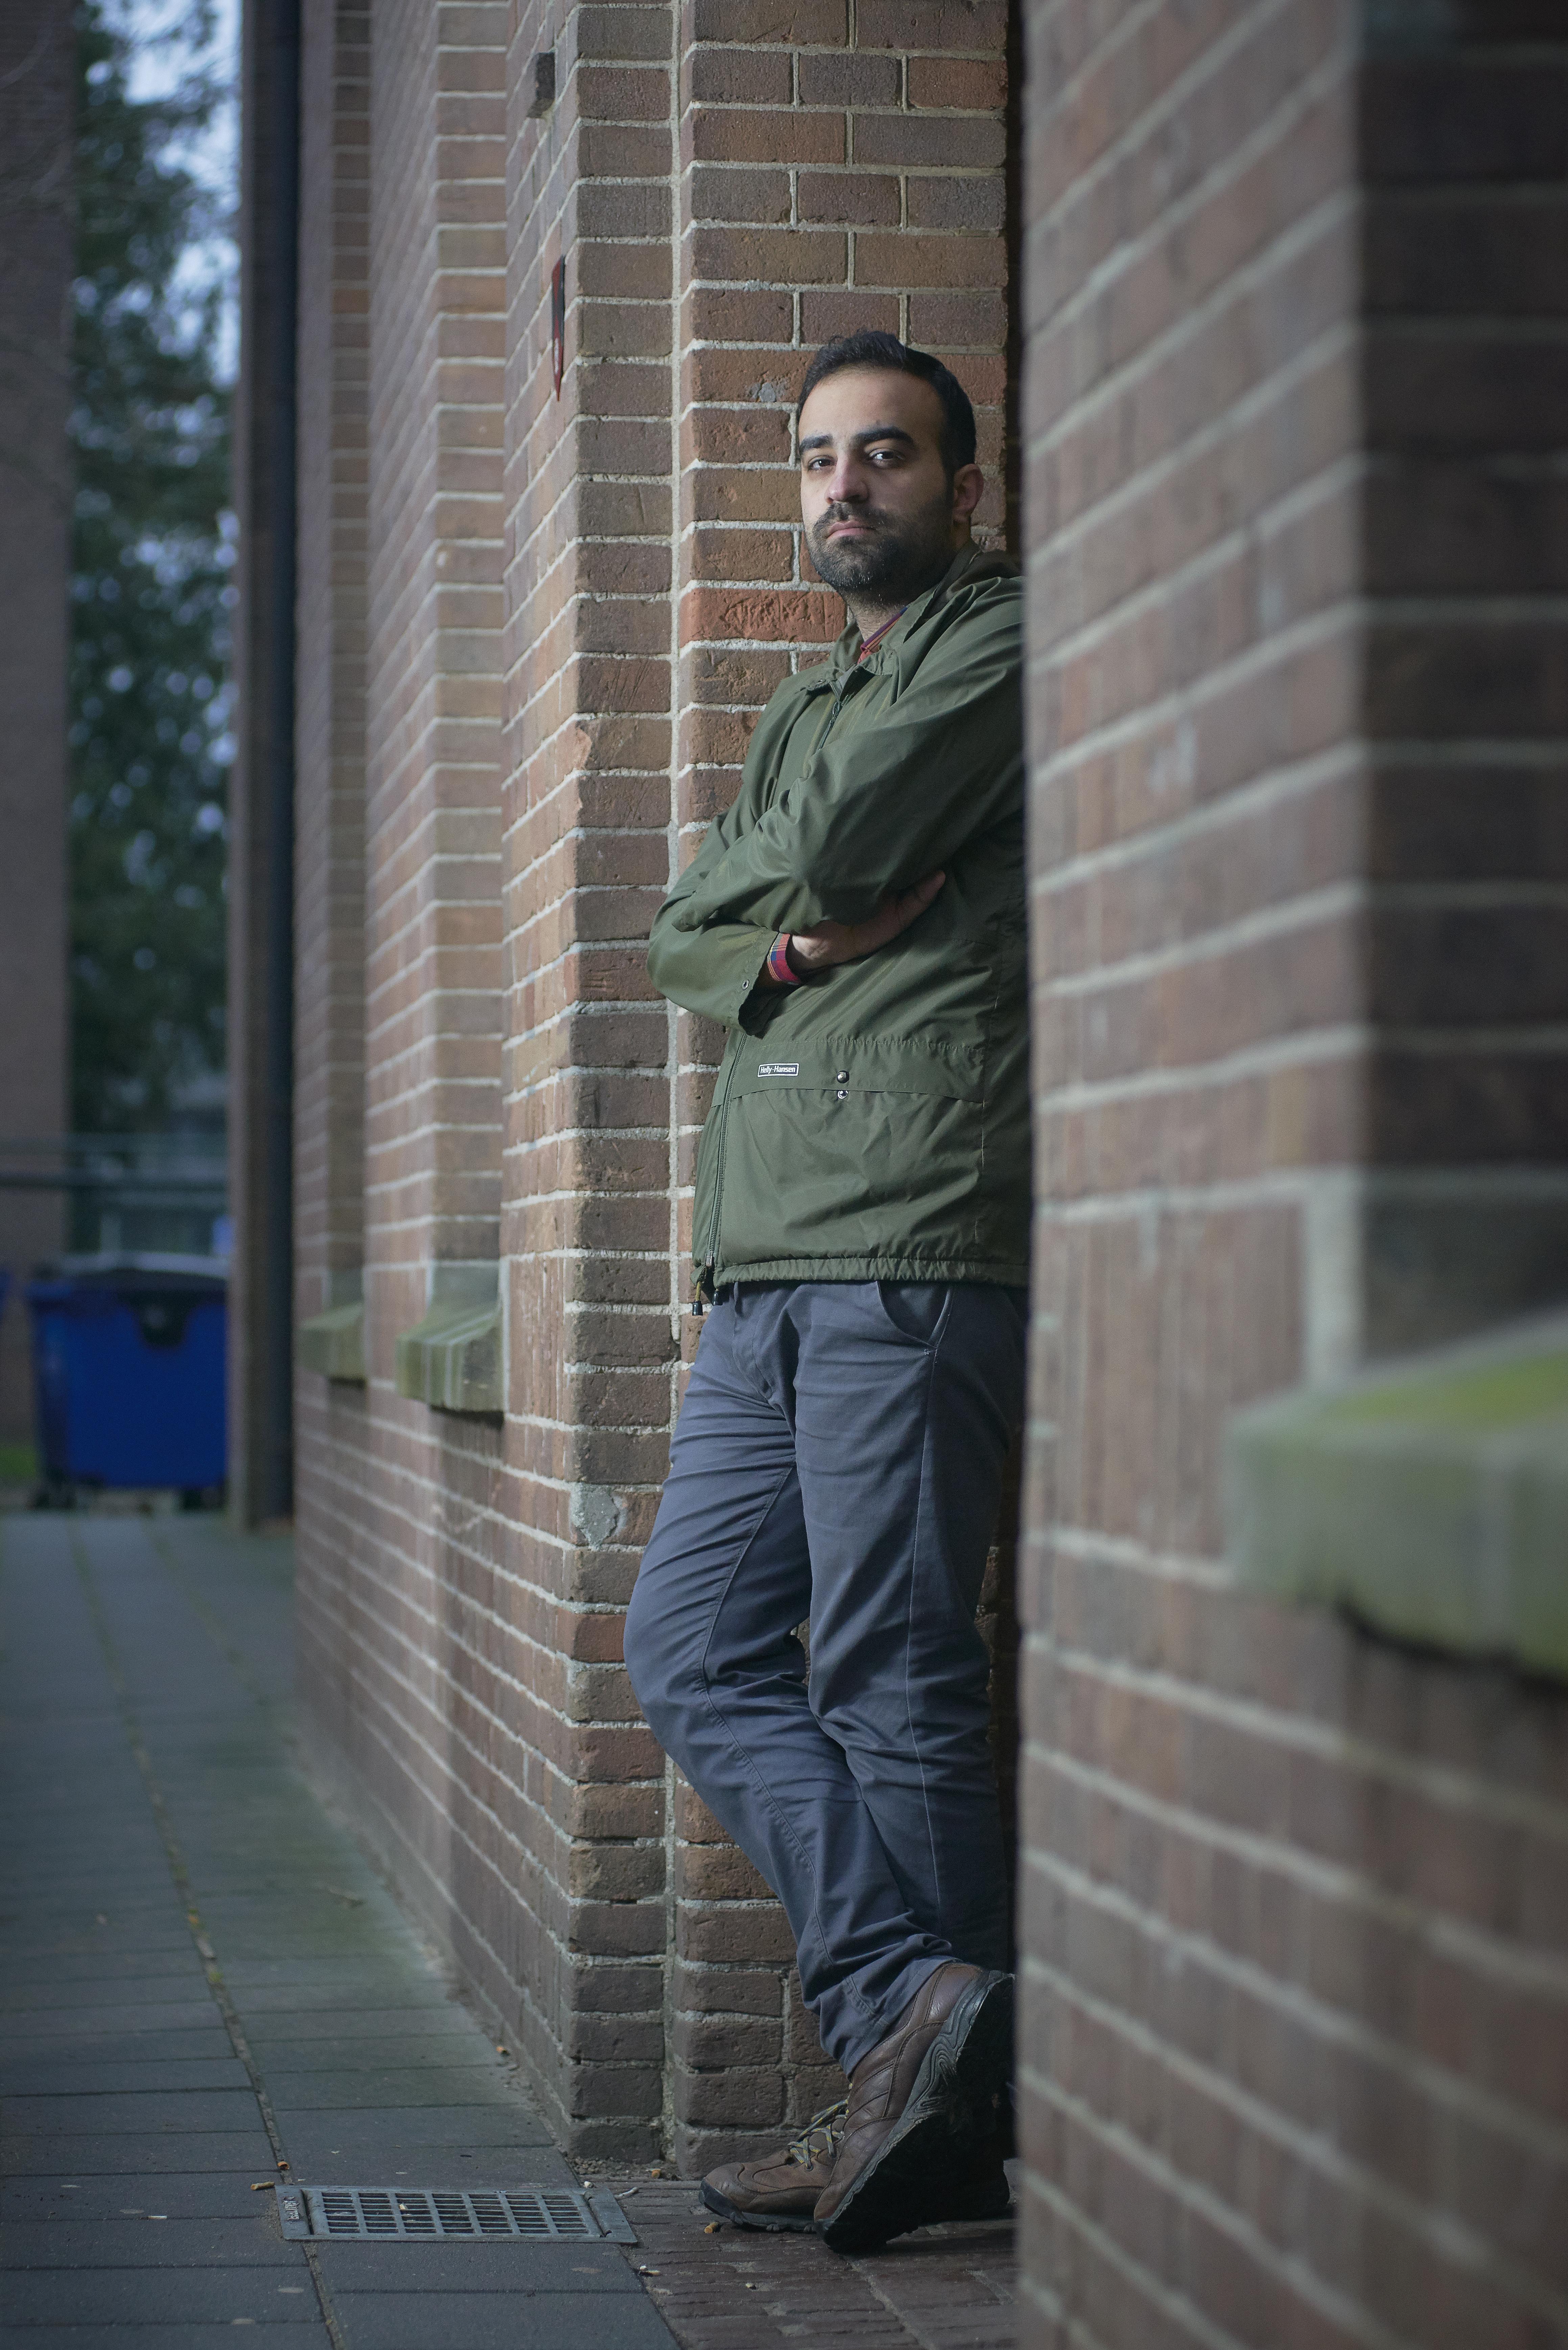 Portret Sina Motamed Rad op het AZC te Nijmegen.Hij is een iranse asielzoeker en fotojournalist.t.b.v. Nederlands Dagblad (Ruth van der kolk)Fotograaf: Van Assendelft Fotografie